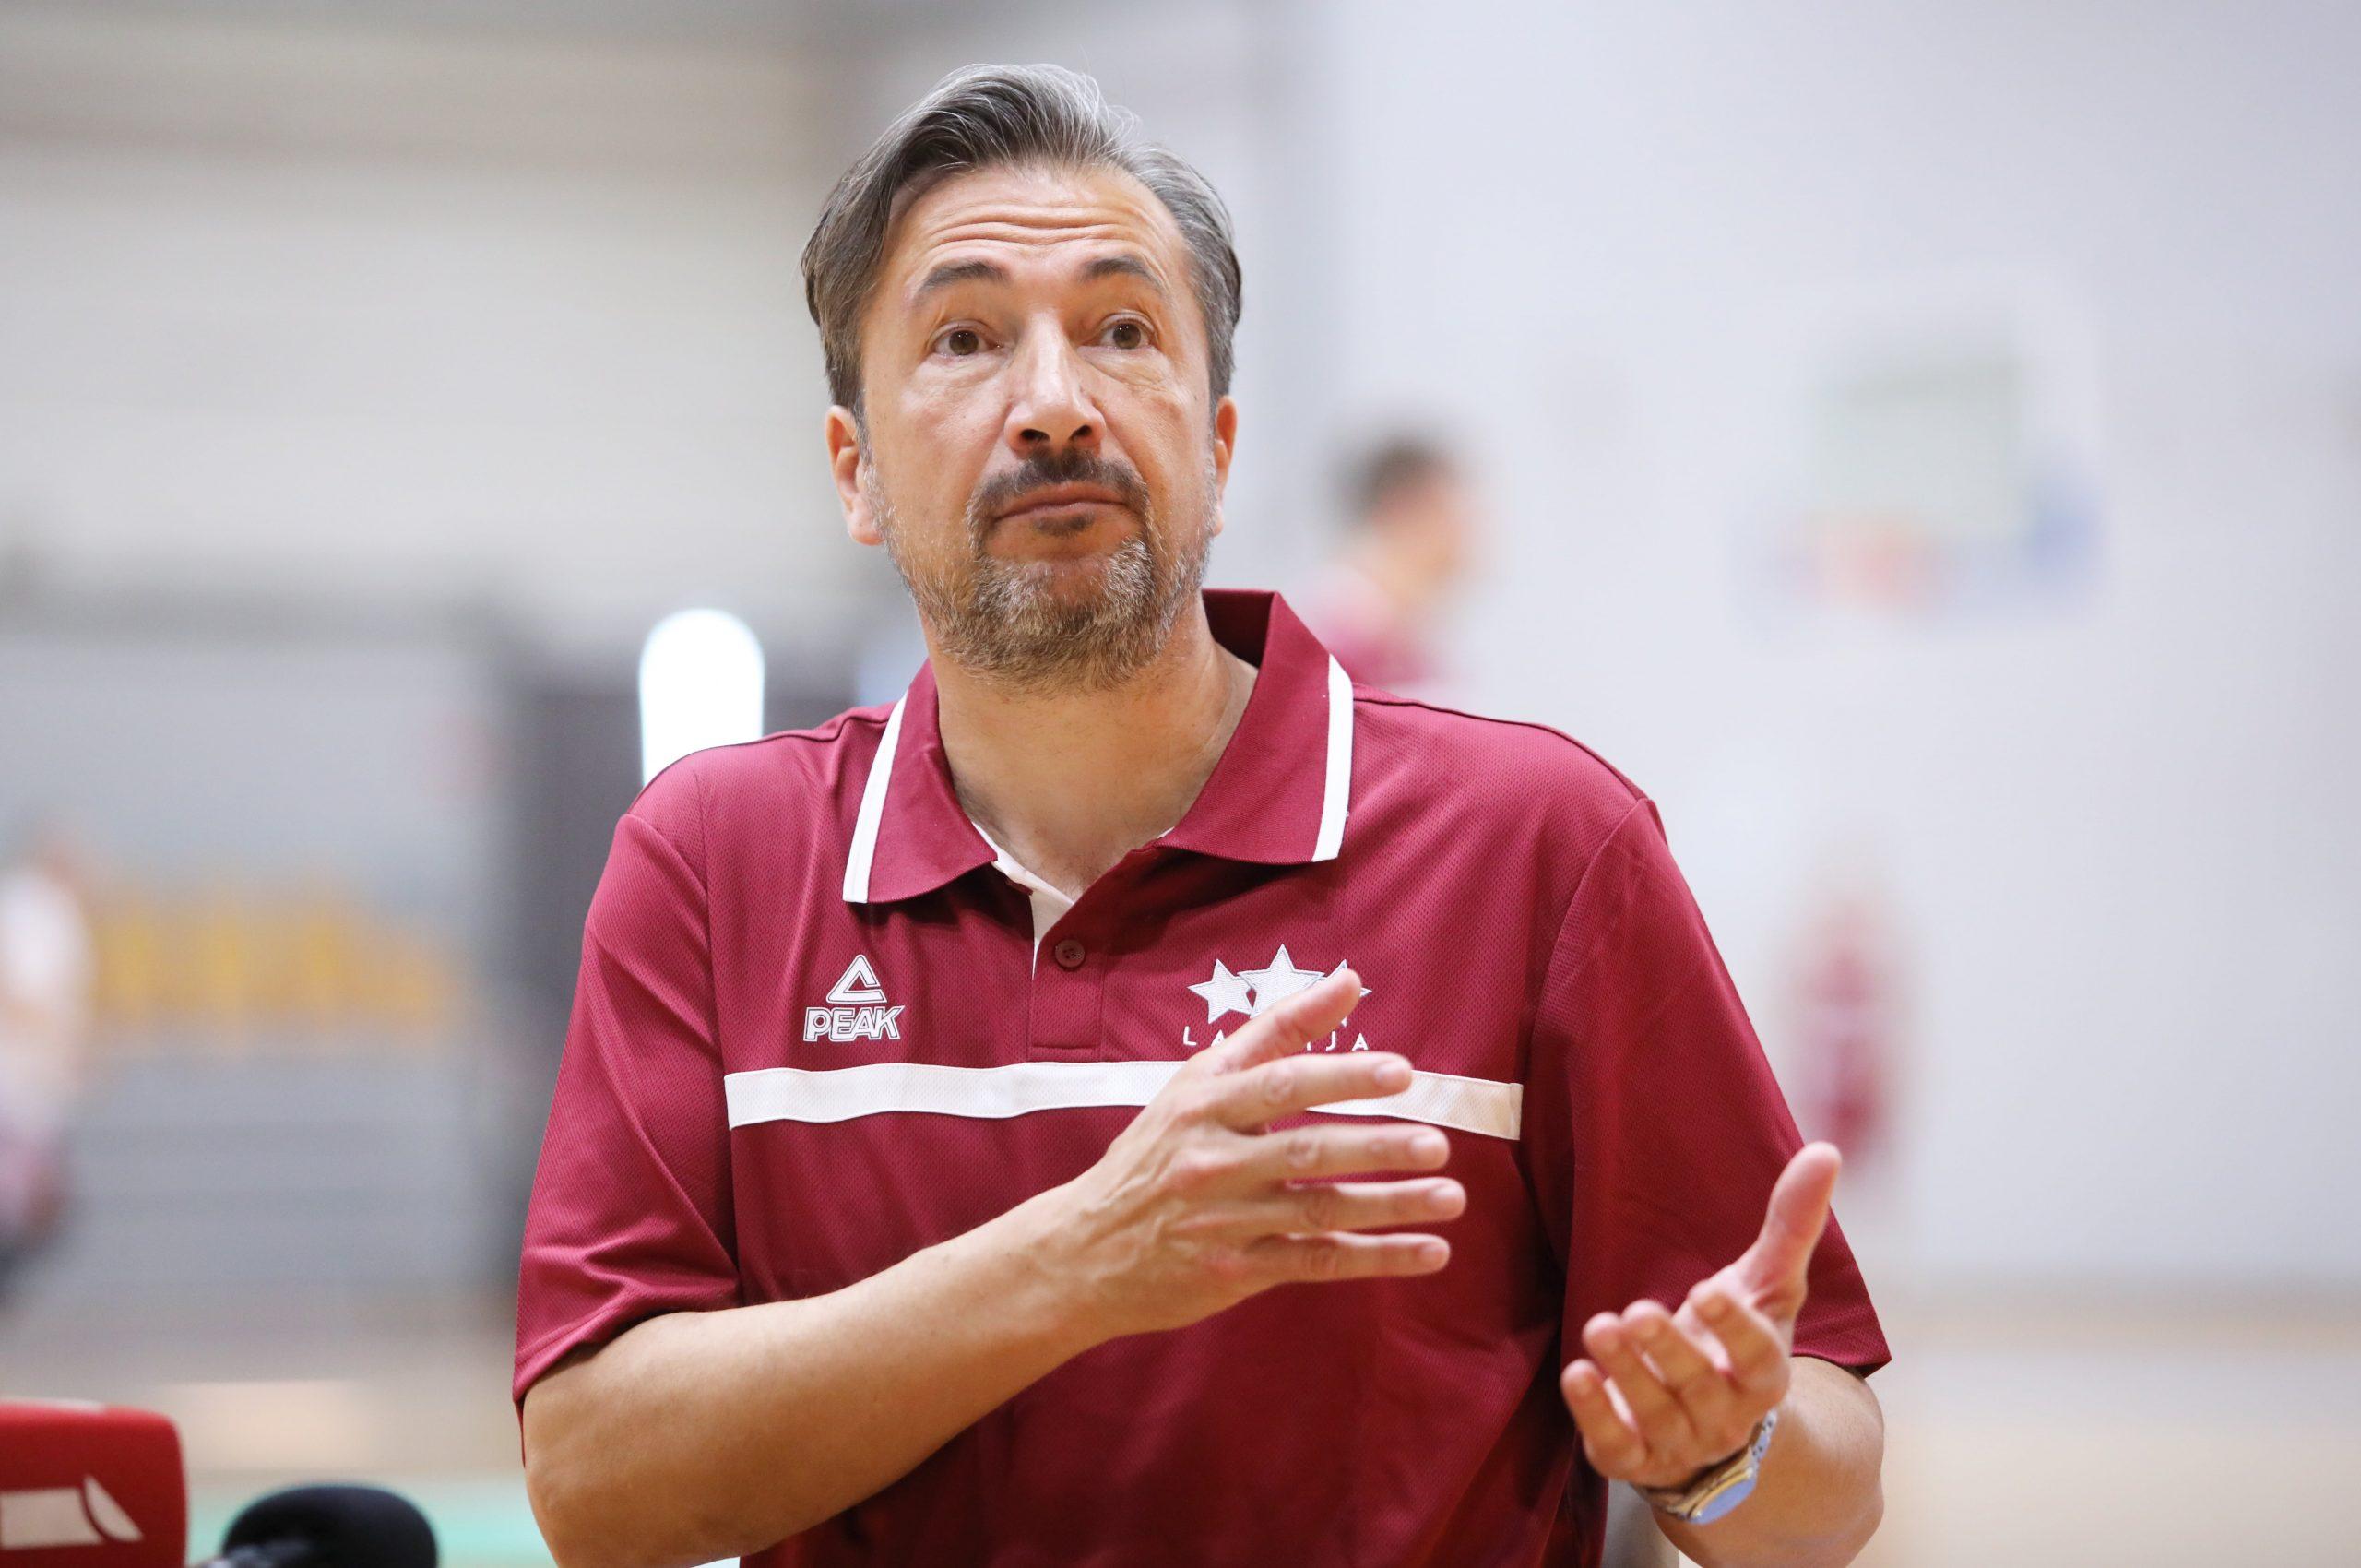 Latvijas izlases galvenais treneris Banki par Itālijas futbolu, patriotismu un Latvijas basketbola izlasi